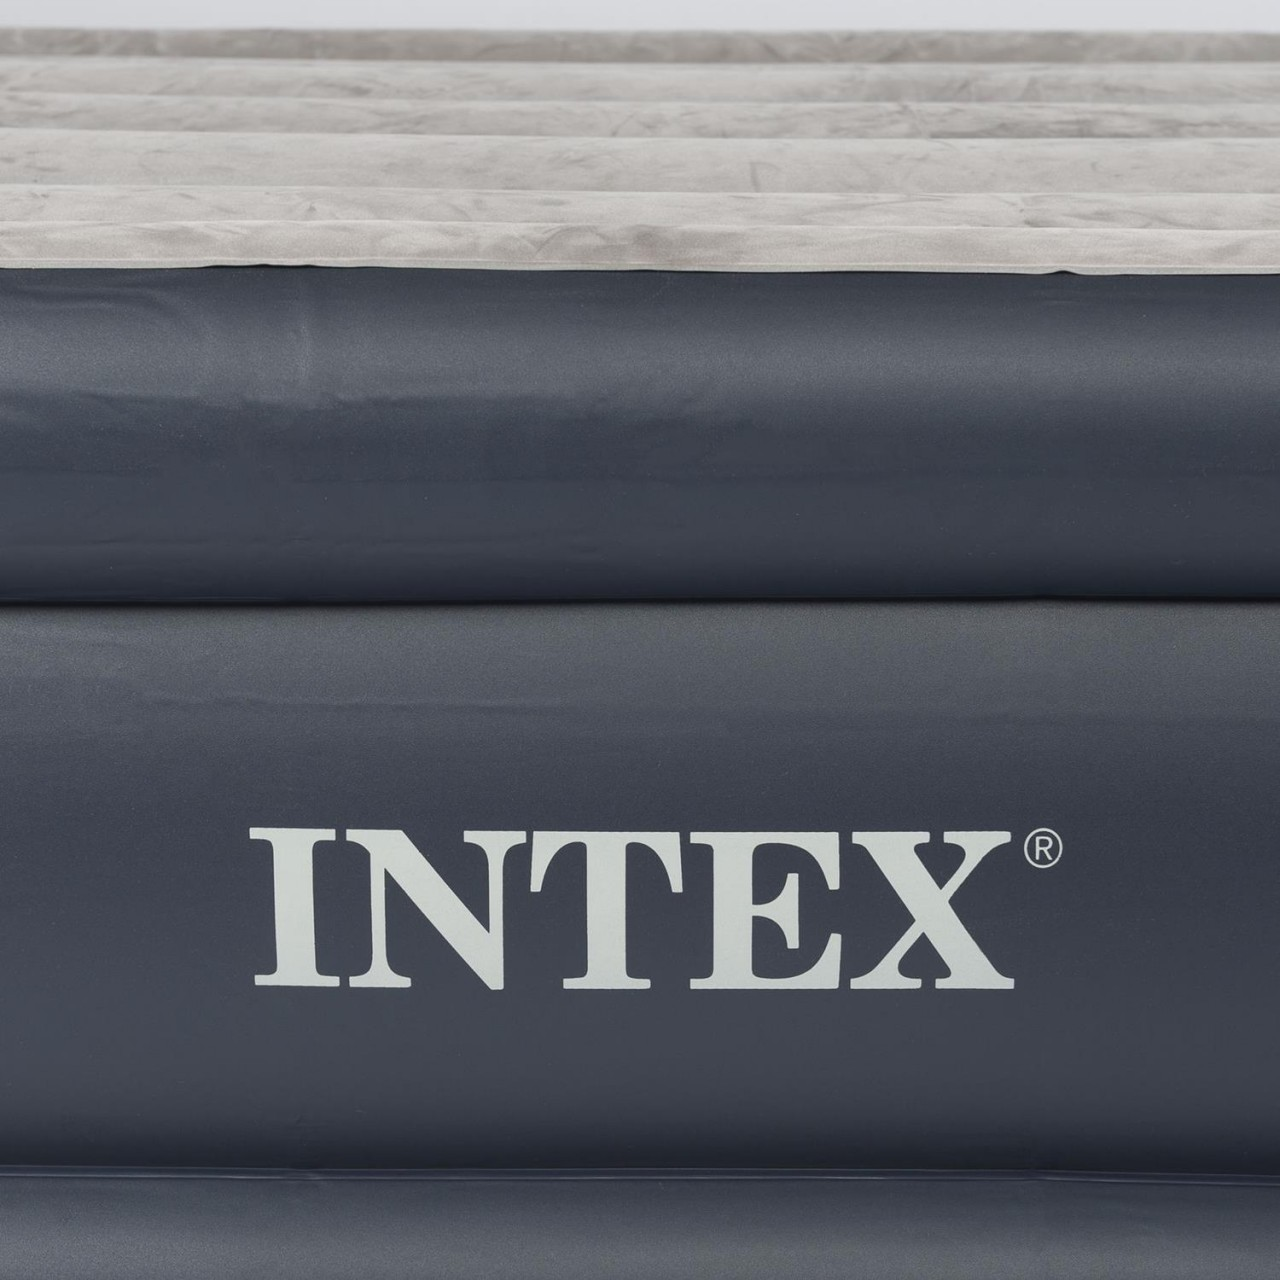 Intex Luftbett Güstebett Luftmatratze 152x203x42 cm inkl. Pumpe selbsaufblasend